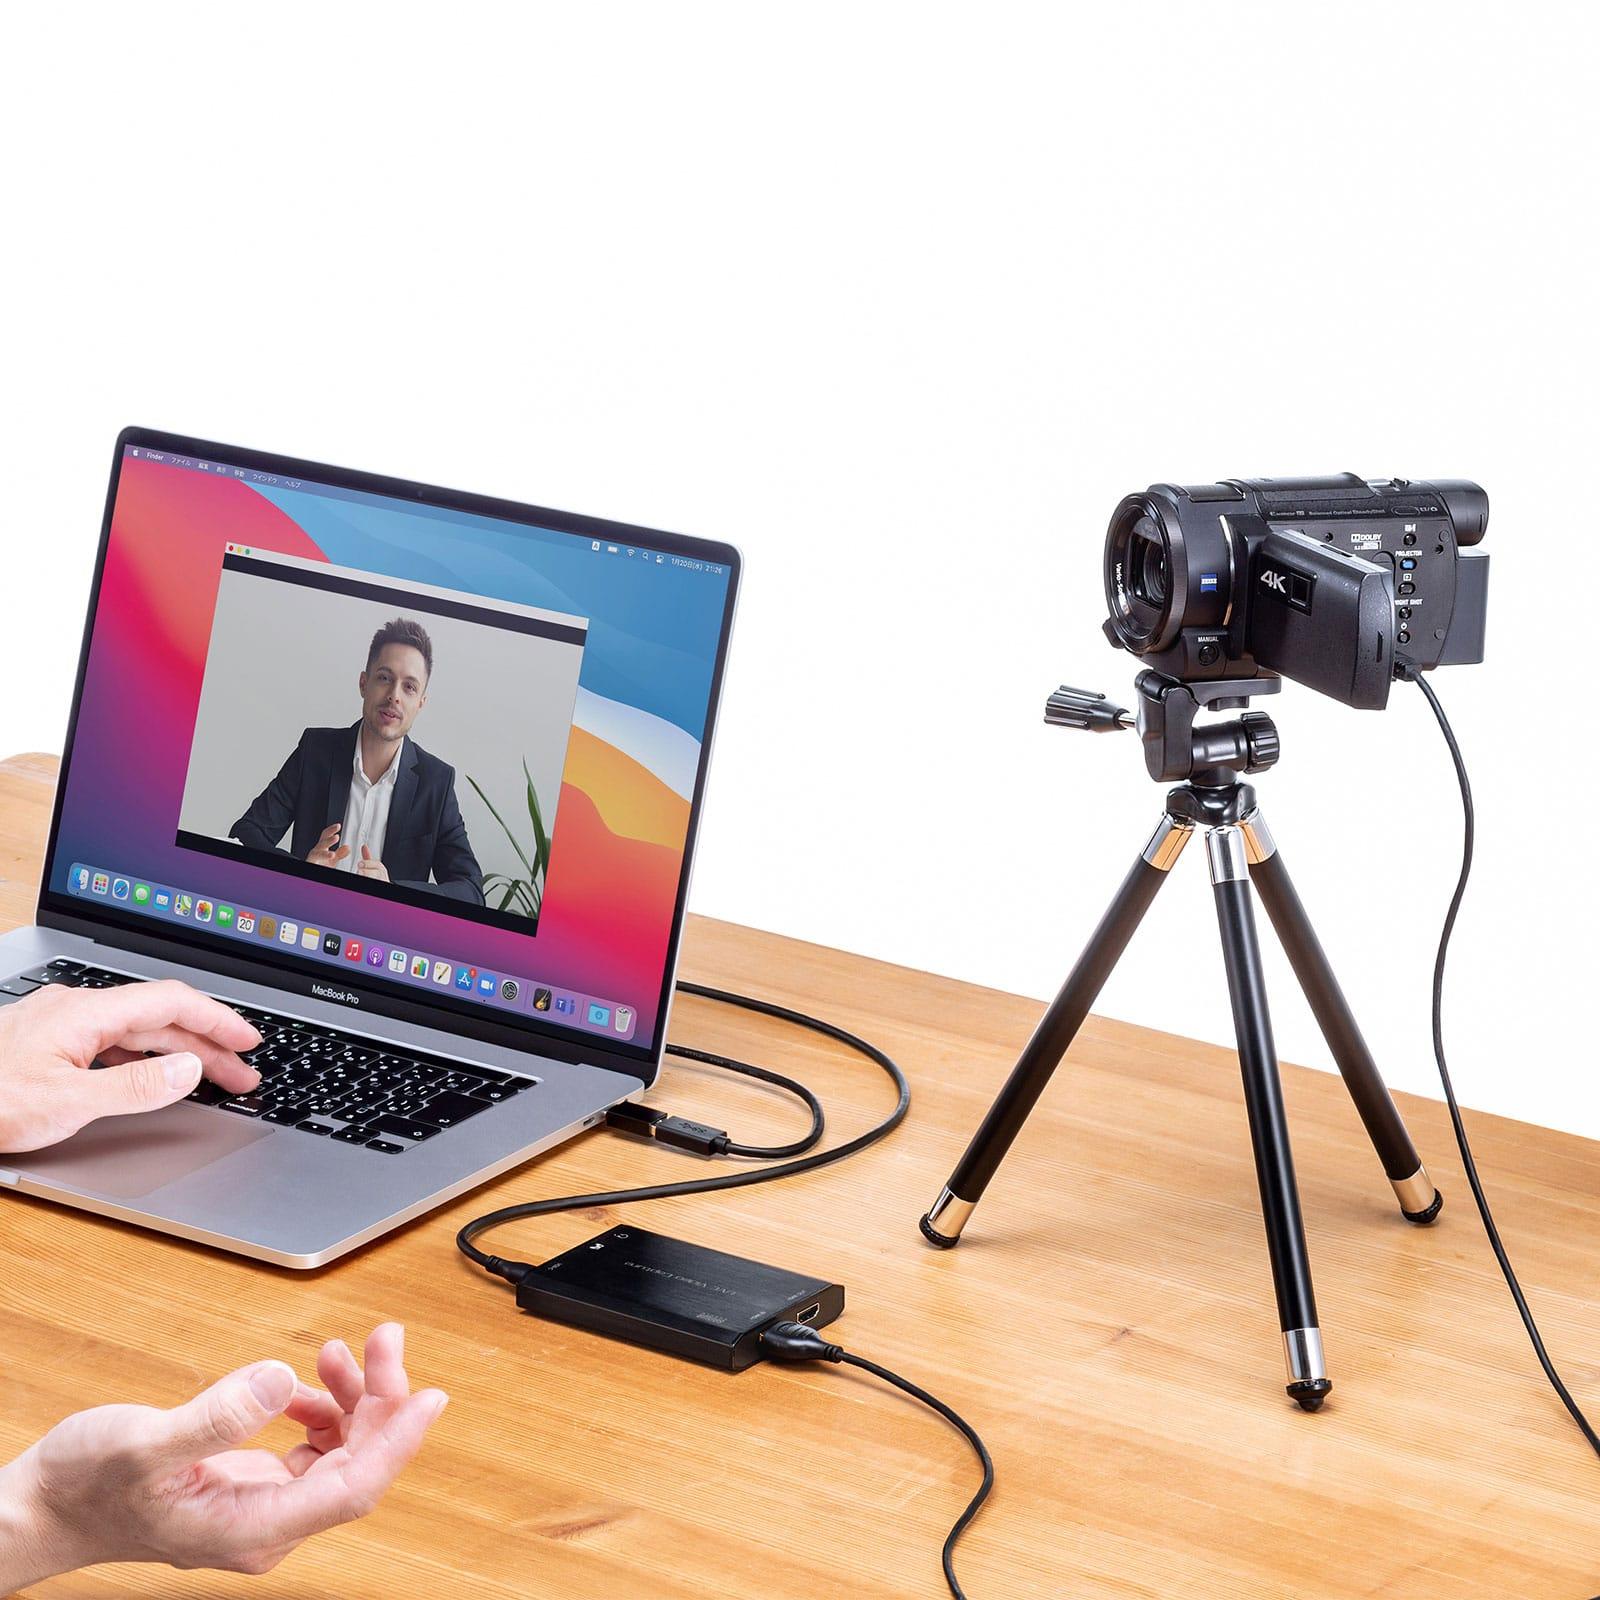 サンワサプライ、デジカメ&ビデオカメラをウェブカメラ化できるHDMIキャプチャーアダプタ発売